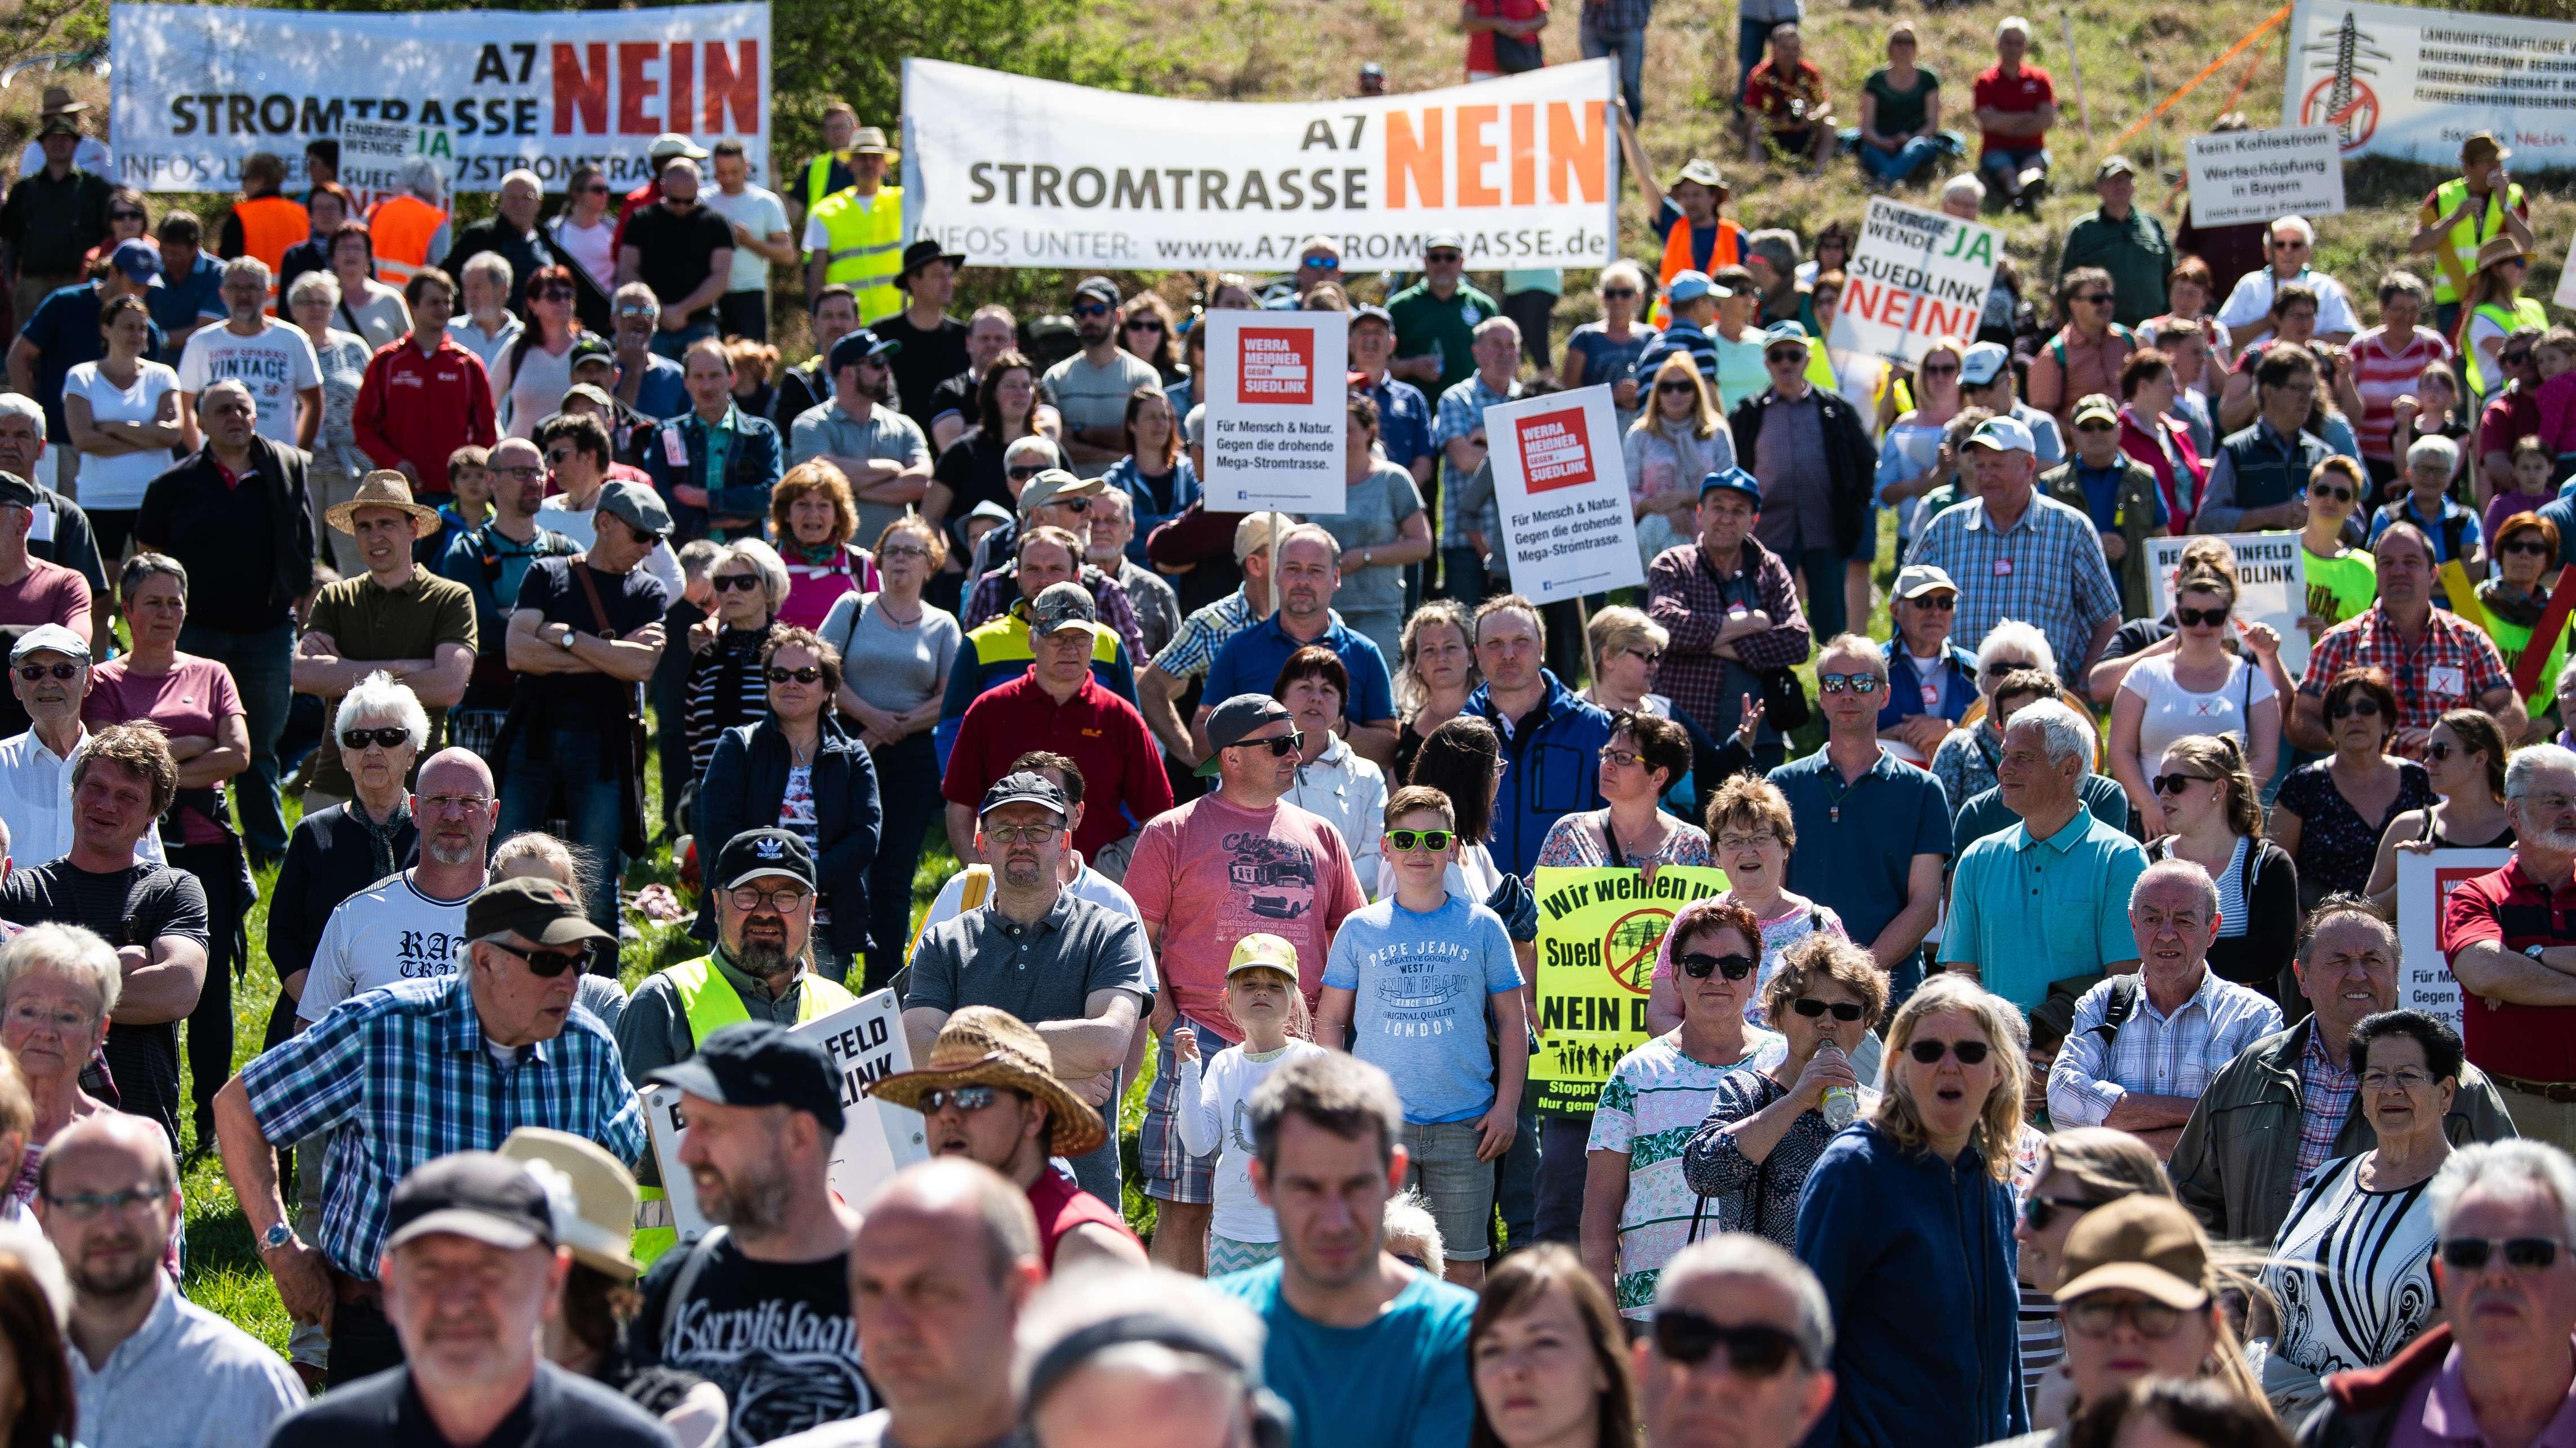 Demo gegen Suedlink-Stromtrasse im thüringischen Lauchröden